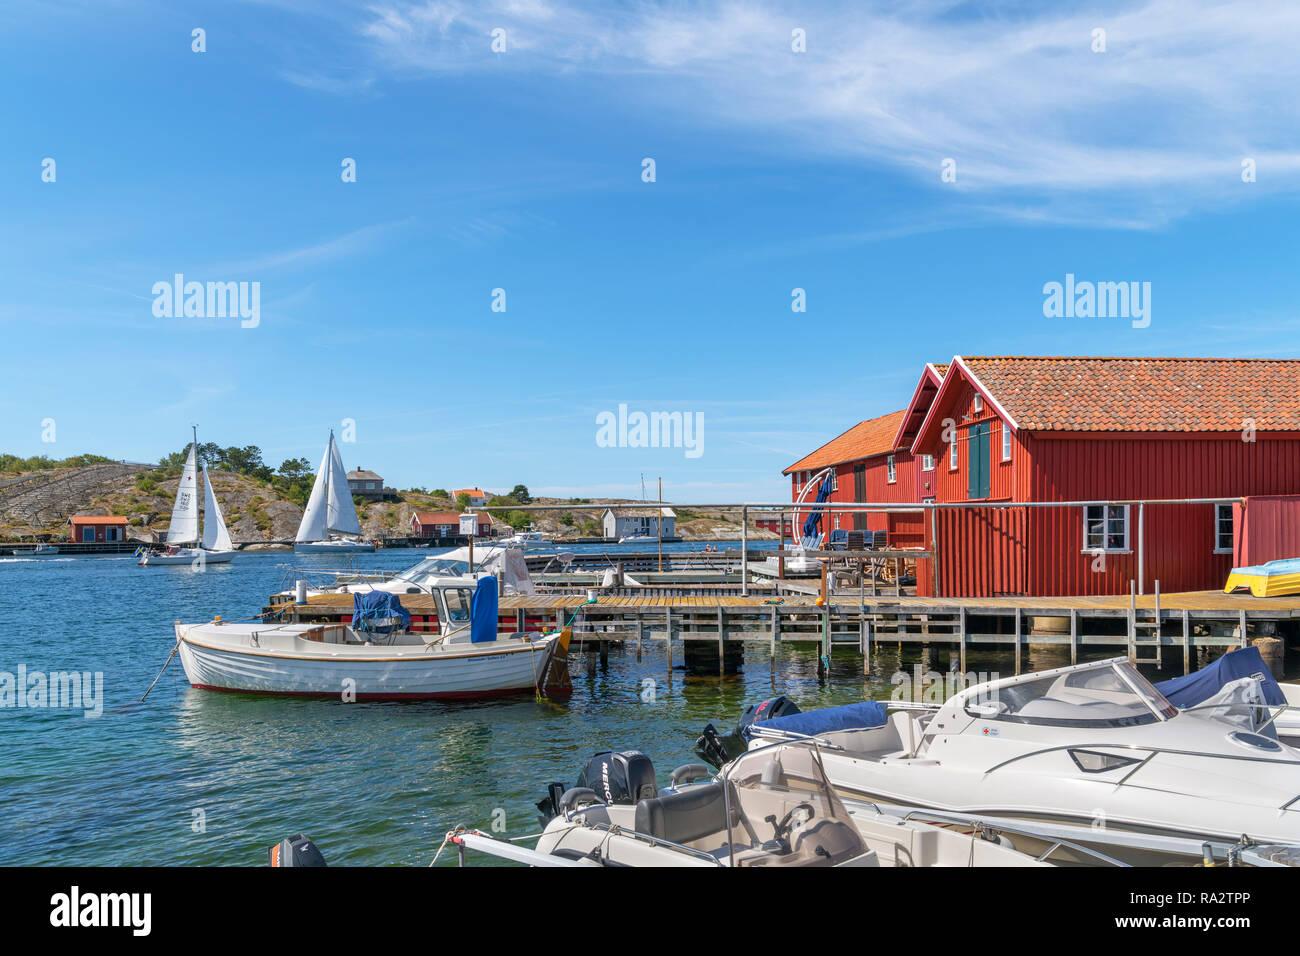 Waterfront in the fishing village of  Mollösund, Orust, Bohuslän Coast, Götaland, Sweden - Stock Image